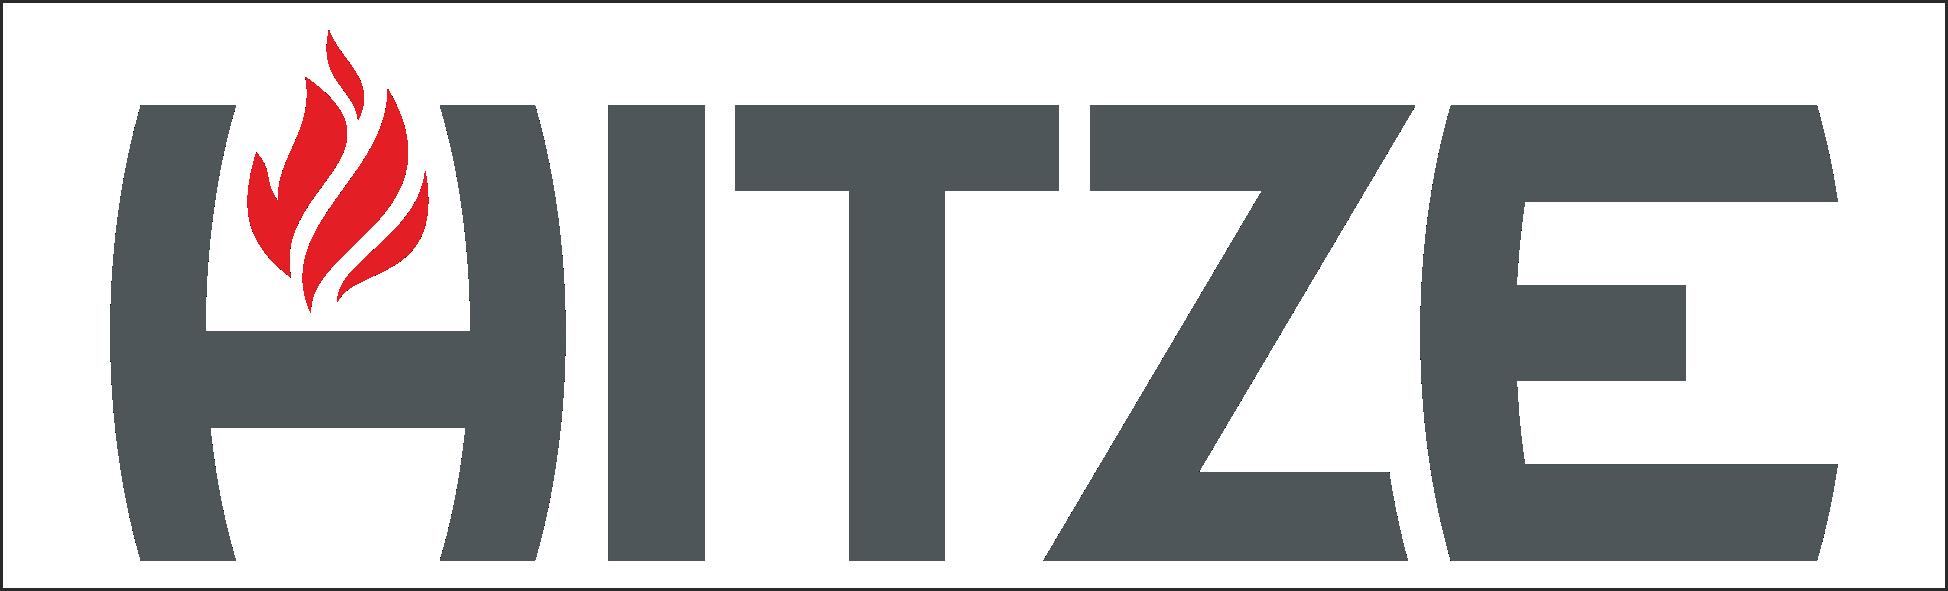 Kominki Hitze logo